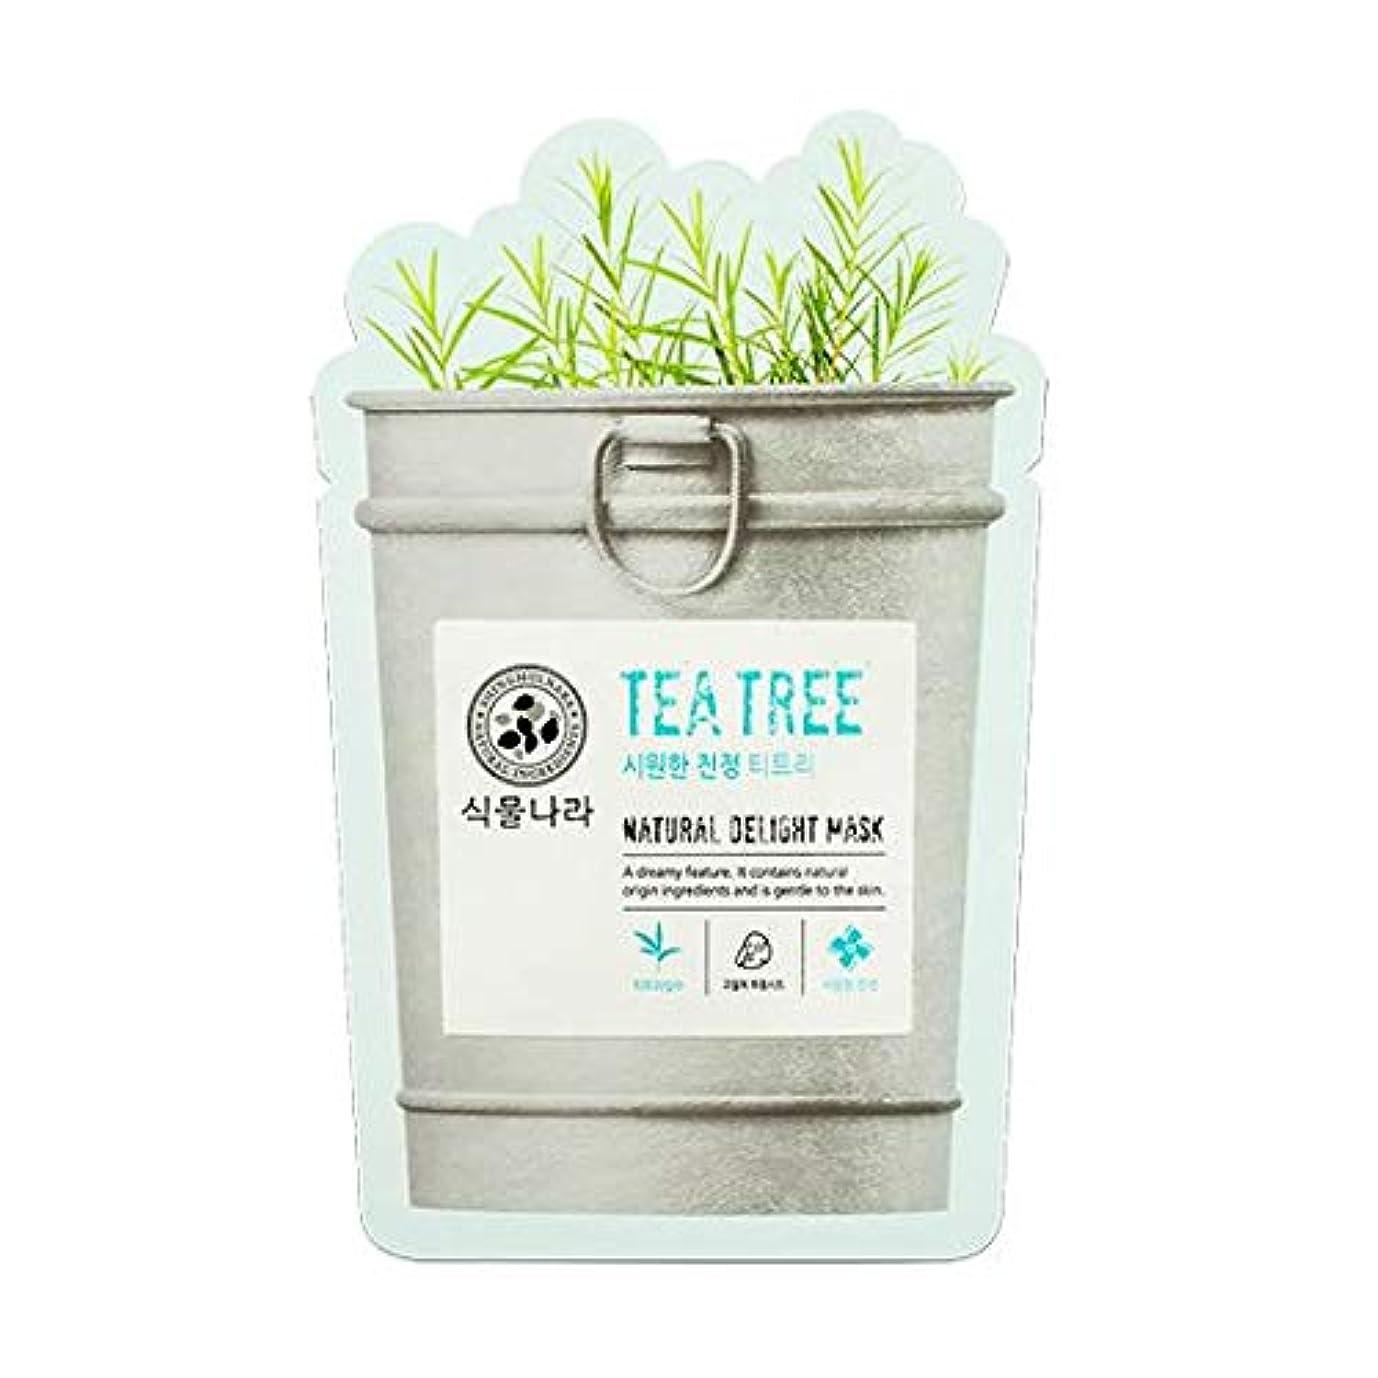 実行可能その後ランクSHINGMULNARA 植物ナラ ナチュラル デライト マスクパック ティートリ/アロエ/炭/蜜 韓国オリーブ霊遊明商品 (ティートリー (Tea Tree) 5pack)